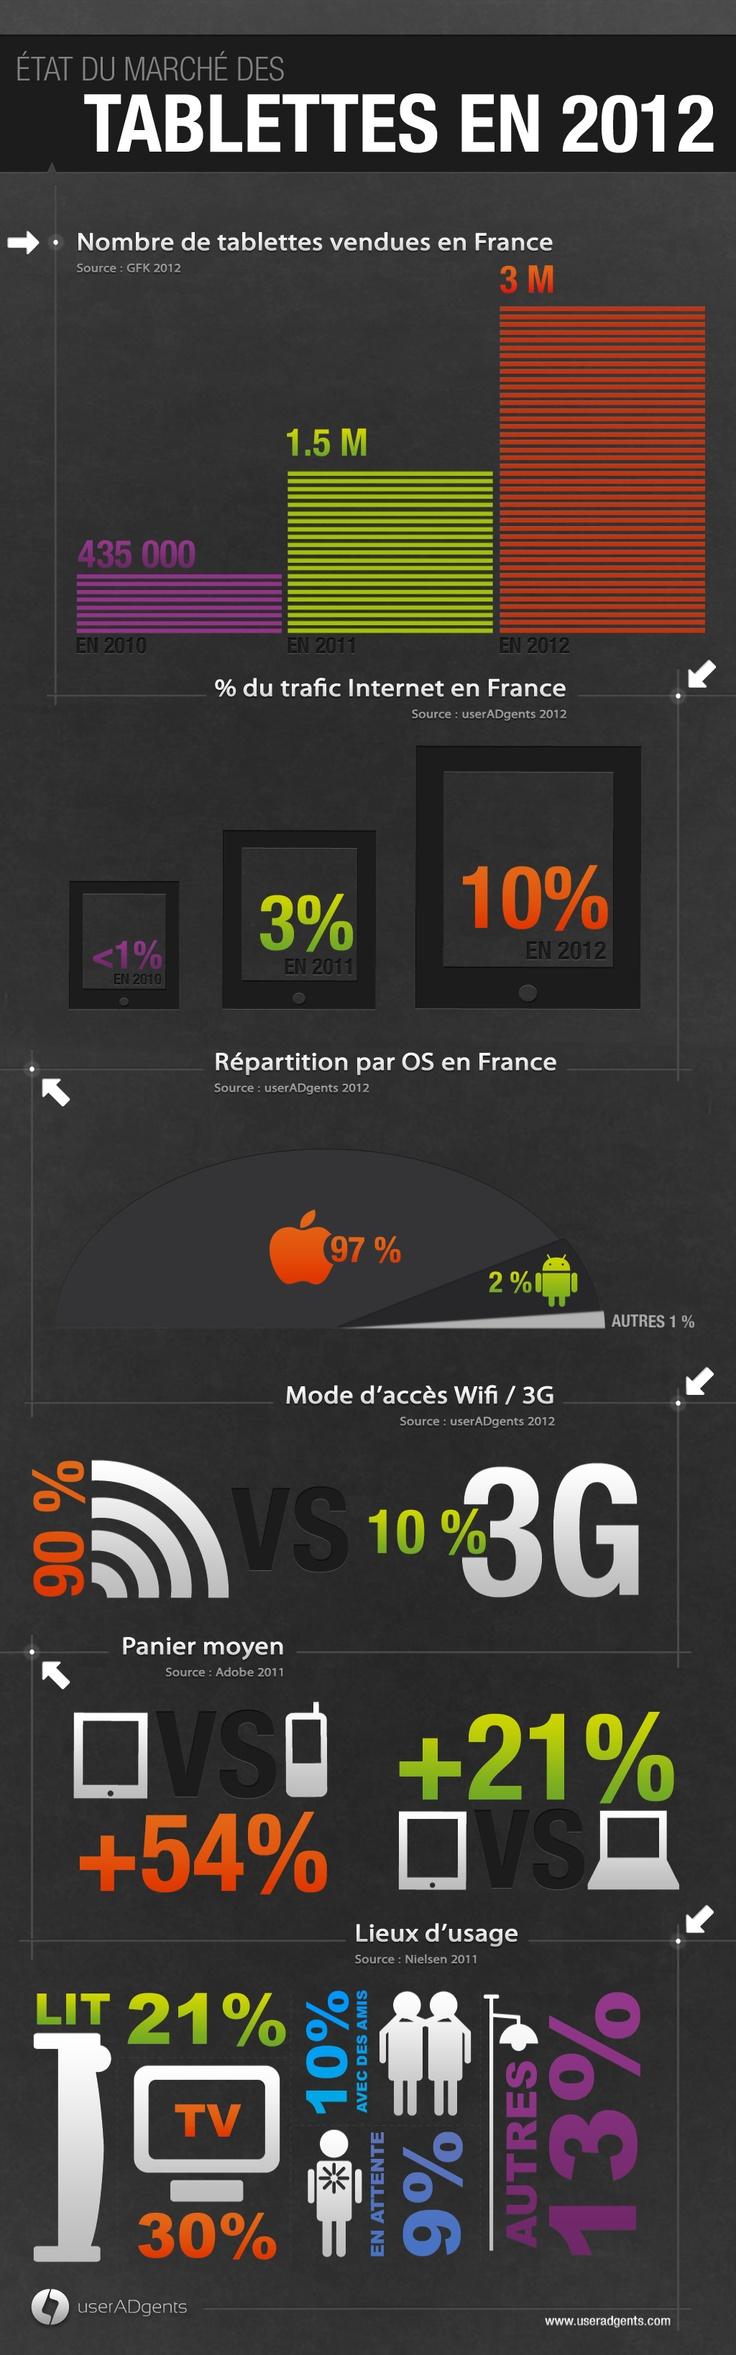 Marché des #tablettes en 2012 #business